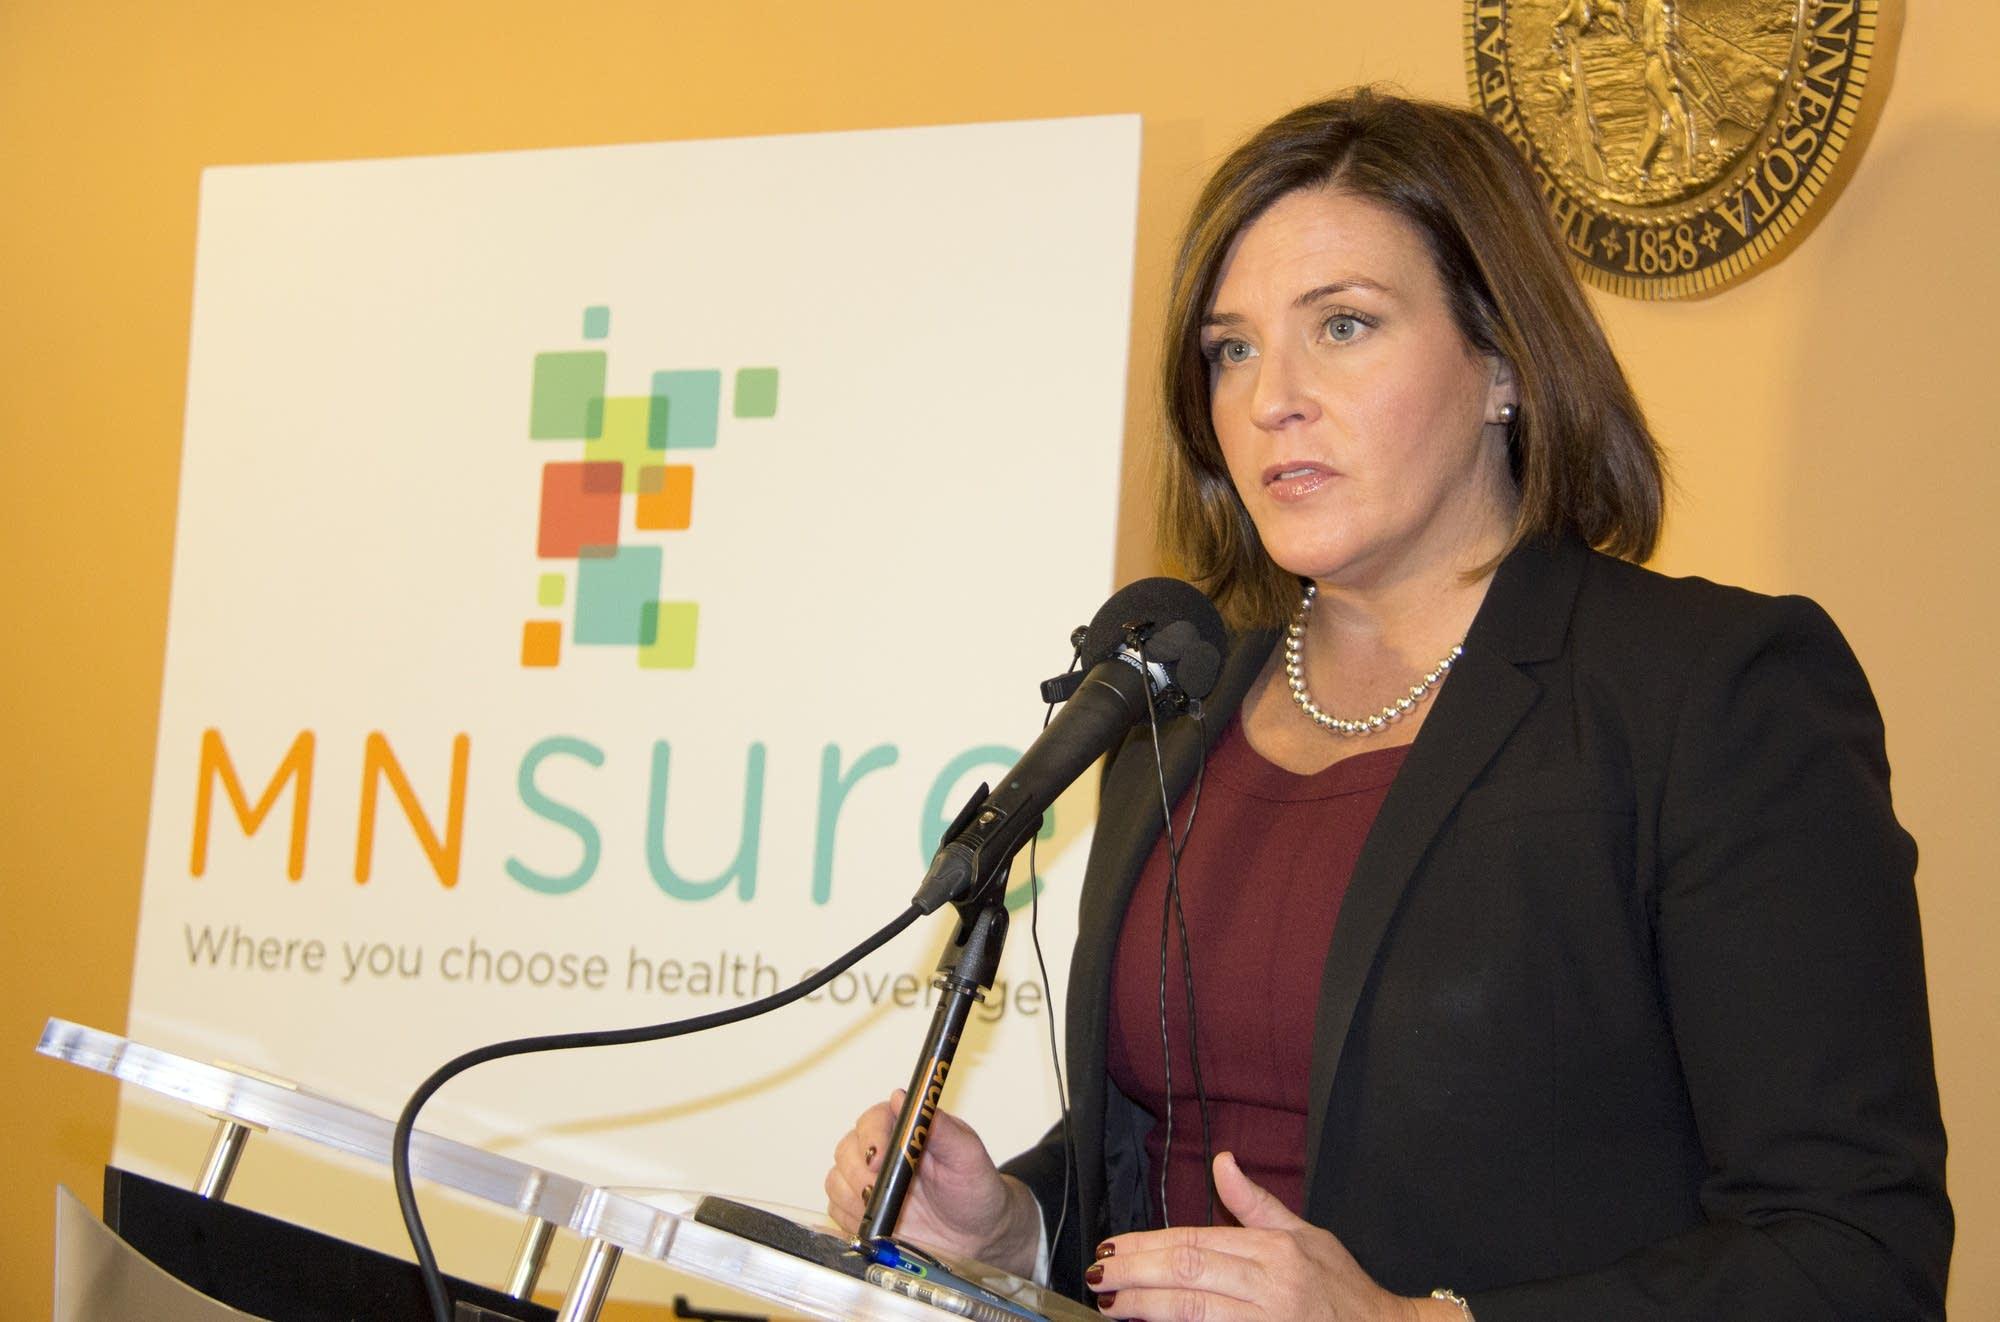 MNsure CEO Allison O'Toole at a media event.